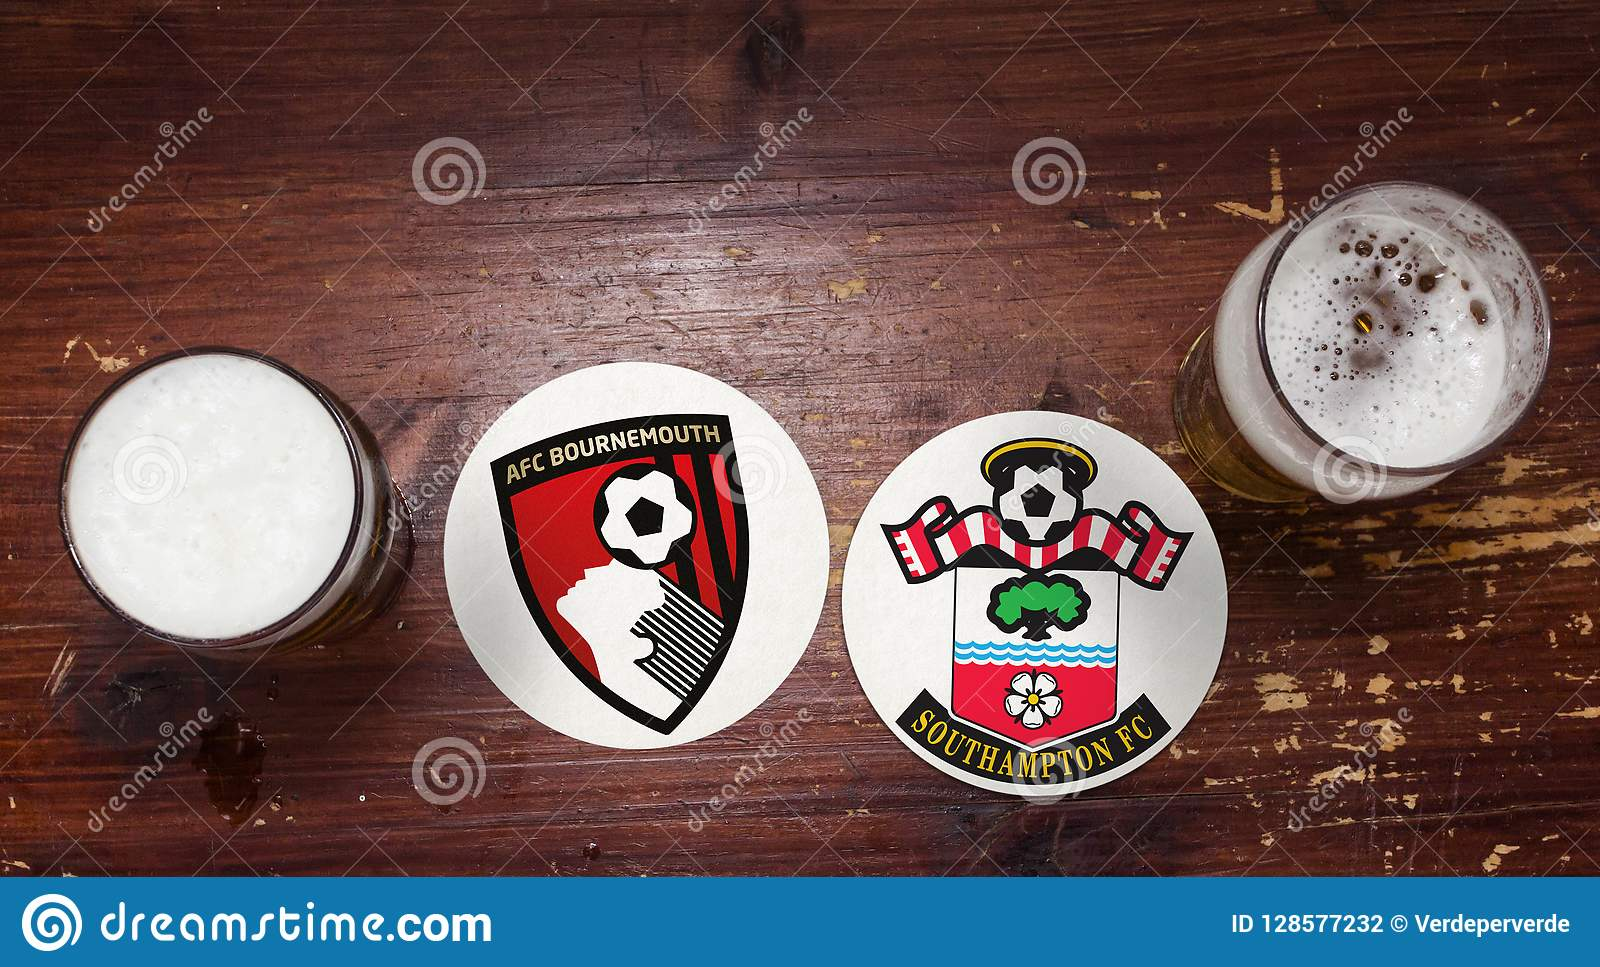 Bournemouth versus southampton